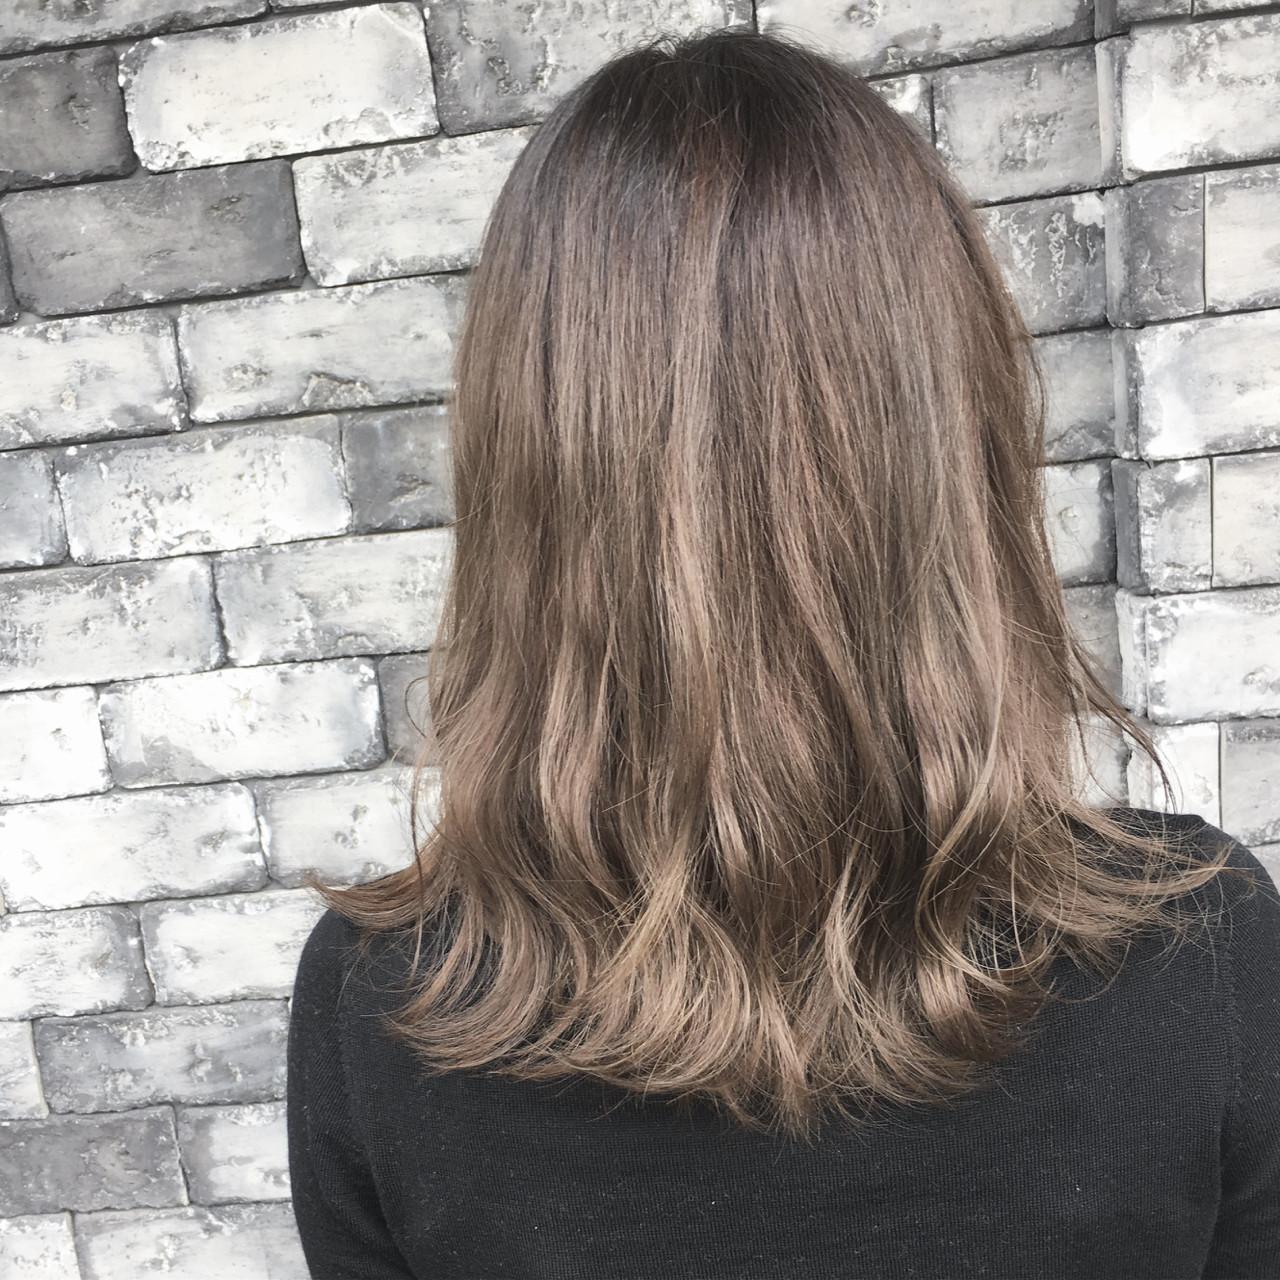 セミロング ストリート パーマ ハロウィン ヘアスタイルや髪型の写真・画像